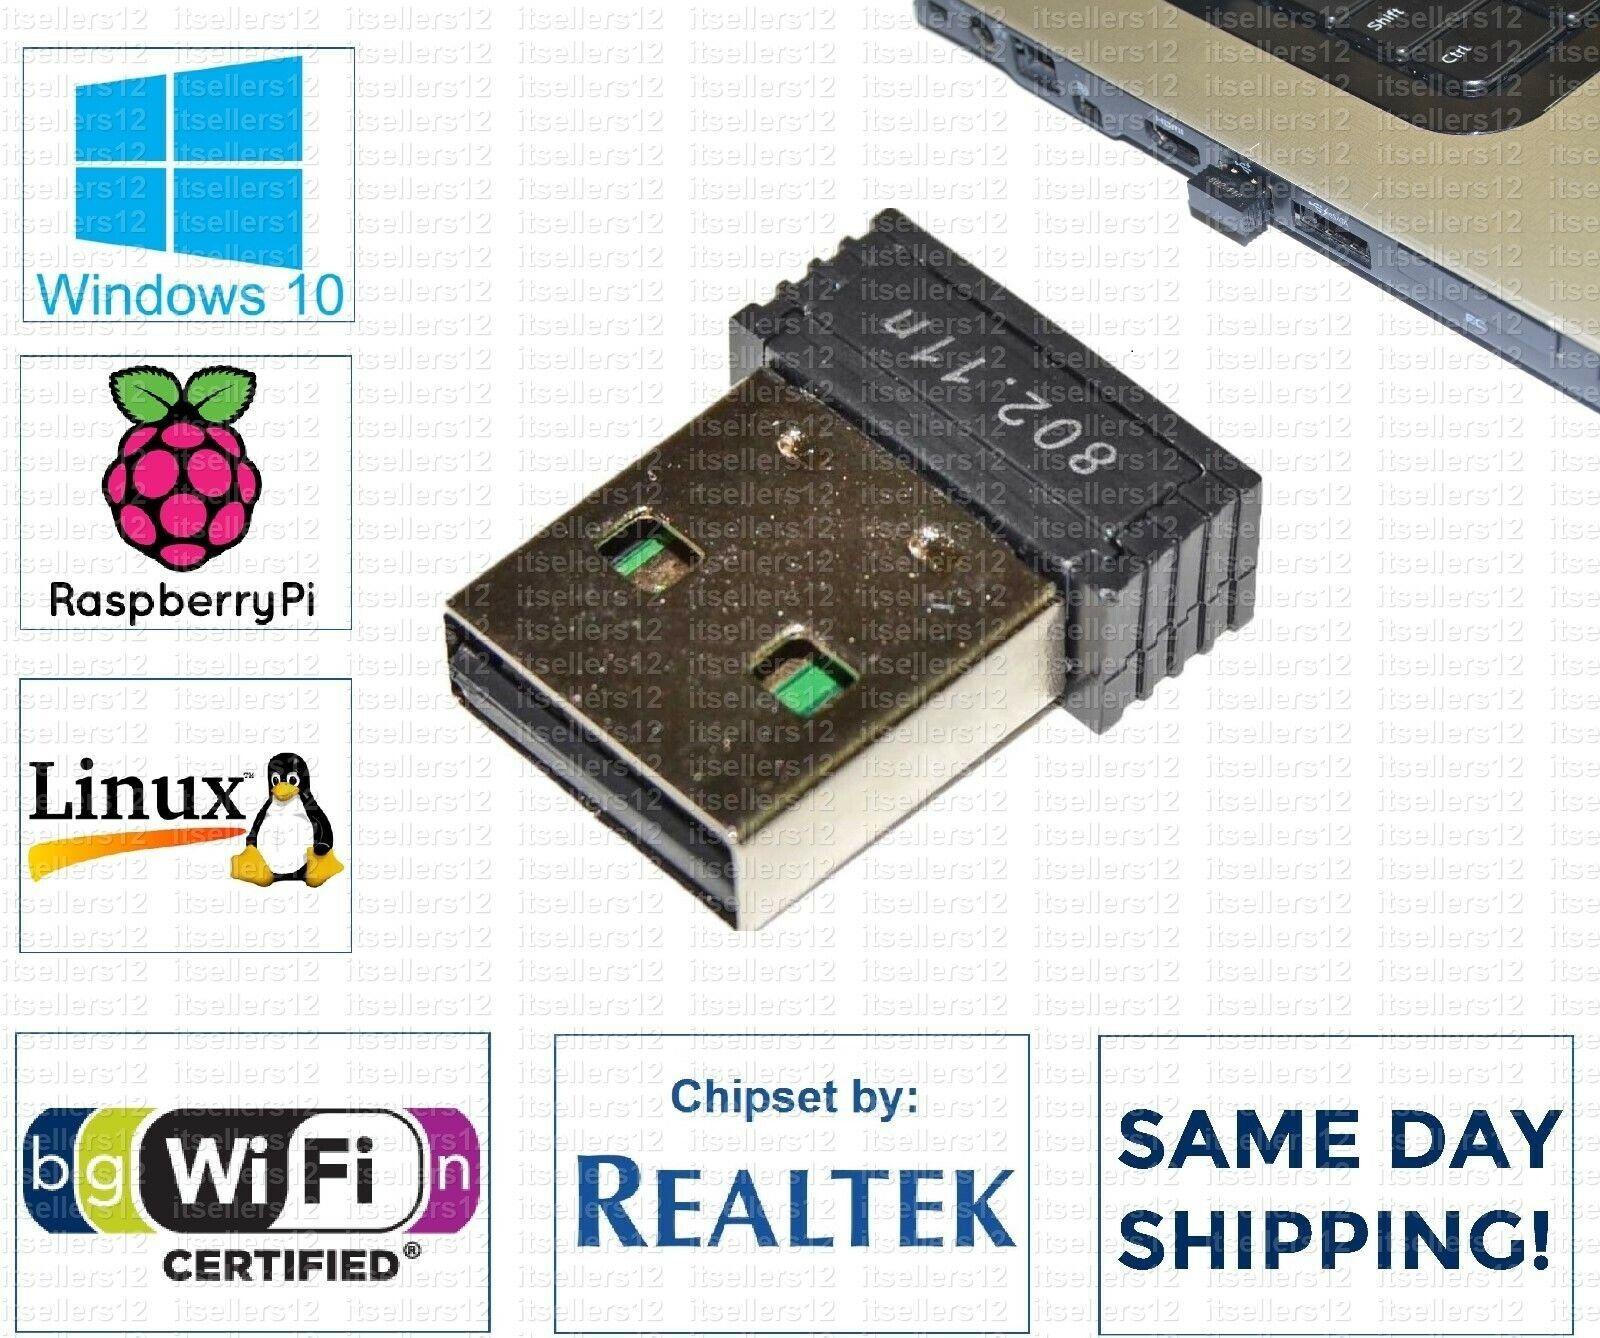 Realtek 300Mbps Mini Nano USB Wireless 802 11N LAN Card WiFi